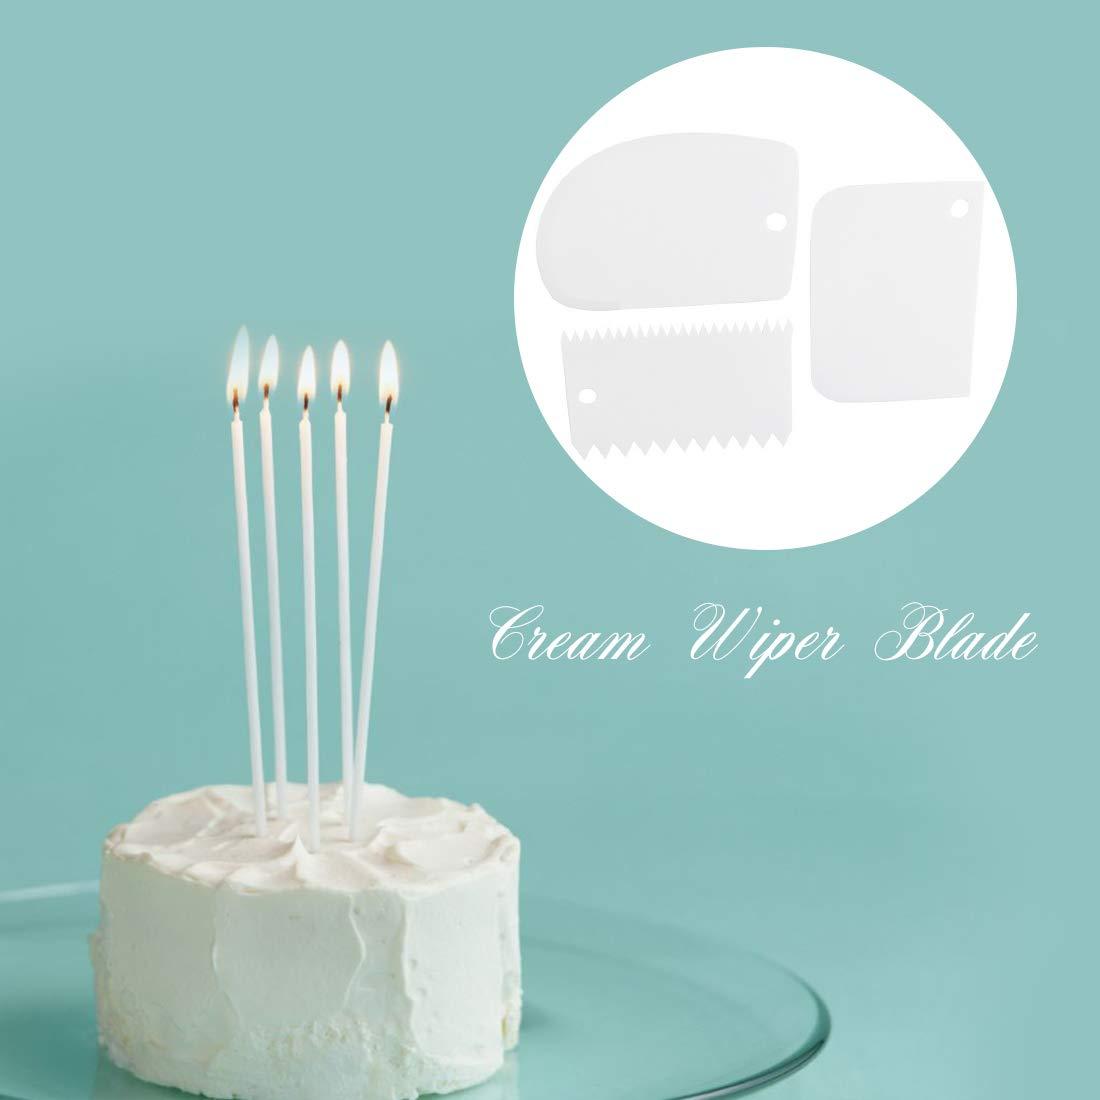 NUOSEM Tappetino da forno in silicone pane e biscotti set da 2 pennarelli antiaderenti con cake scrappers /& 5 cucchiai dosatori /& sac /à poche in silicone per macaron